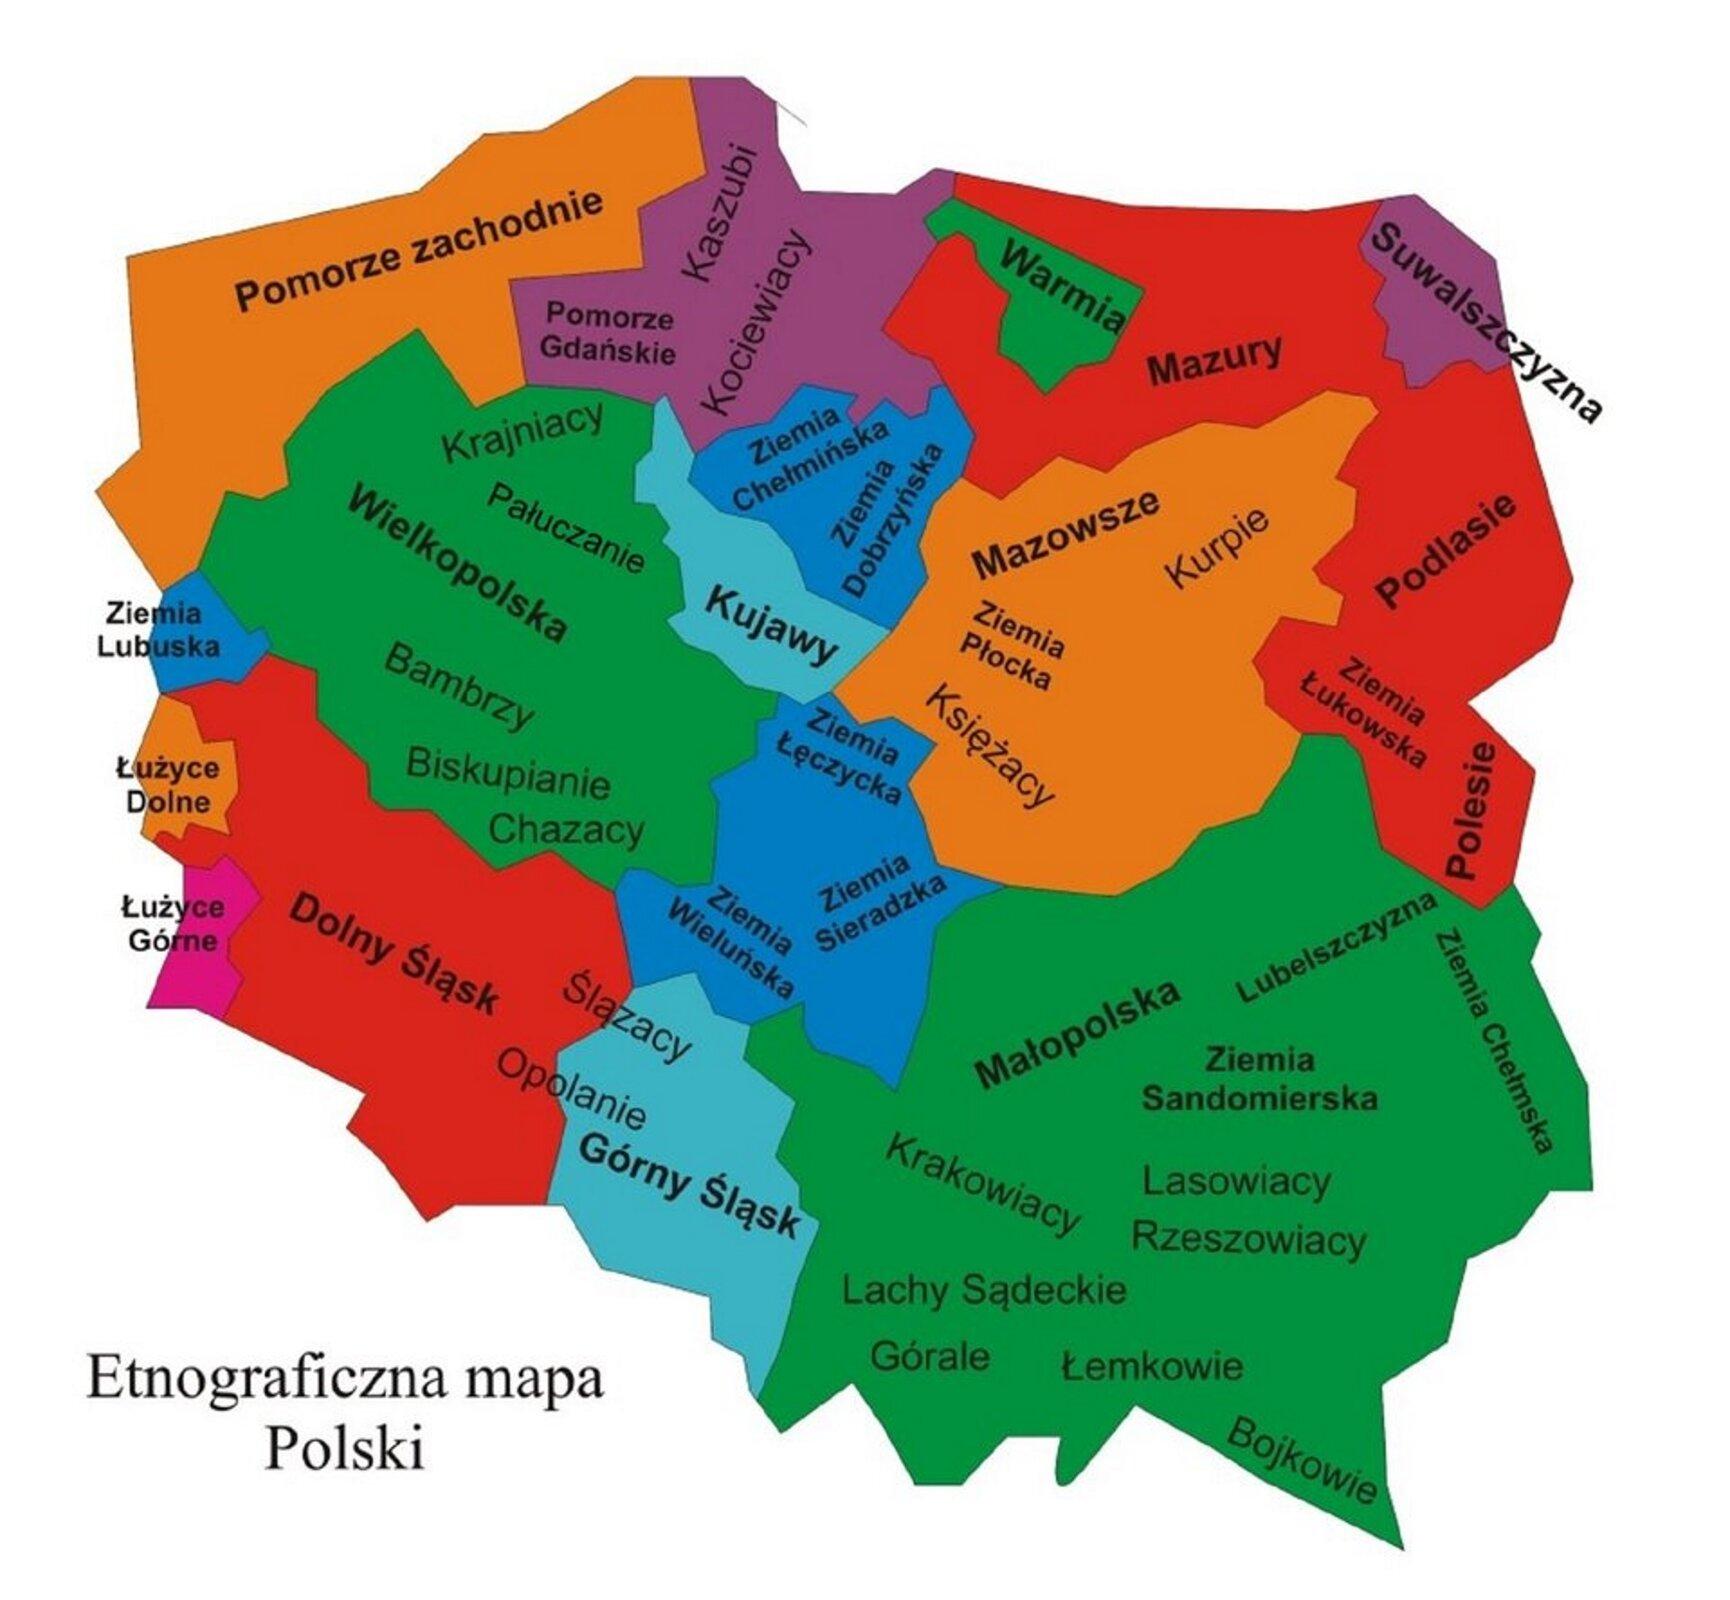 Na ilustracji etnograficzna mapa Polski. Poszczególne regiony oznaczone są kolorami. Na północy nad Morzem Bałtyckim, począwszy od wschodu zaznaczone są: Pomorze zachodnie, Pomorze Gdańskie (grupy etniczne Kaszubi iKociewiacy), Mazury iWarmia. Na wschodzie począwszy od północy zaznaczone są: Suwalszczyzna, Podlasie ibardzo duży region Małopolska, obejmujący całą południowo-wschodnią Polskę. Małopolska podzielona jest na mniejsze regiony: Lubelszczyznę, Ziemię Chełmską, Ziemię Sandomierską, wymienione są też grupy etniczne: Krakowiacy, Lasowiacy, Górale, Łemkowie, Bojkowie. Na południu począwszy od wschodu: Łużyce Górne, Dolny Śląsk, Górny Śląsk iwspomniana już Małopolska. Na zachodzie małe regiony: Ziemia Lubuska, Łużyce Dolne iwspomniane już Łużyce Górne. Wśrodkowym pasie znajdują się następujące regiony: Wielkopolska, Kujawy, Ziemia Chełmińska, Ziemia Dobrzyńska, Ziemia Łęczycka, Ziemia Wieluńska iZiemia Sieradzka oraz Mazowsze. Na Mazowszu osobno zaznaczono: Ziemię Płocką iKurpie.